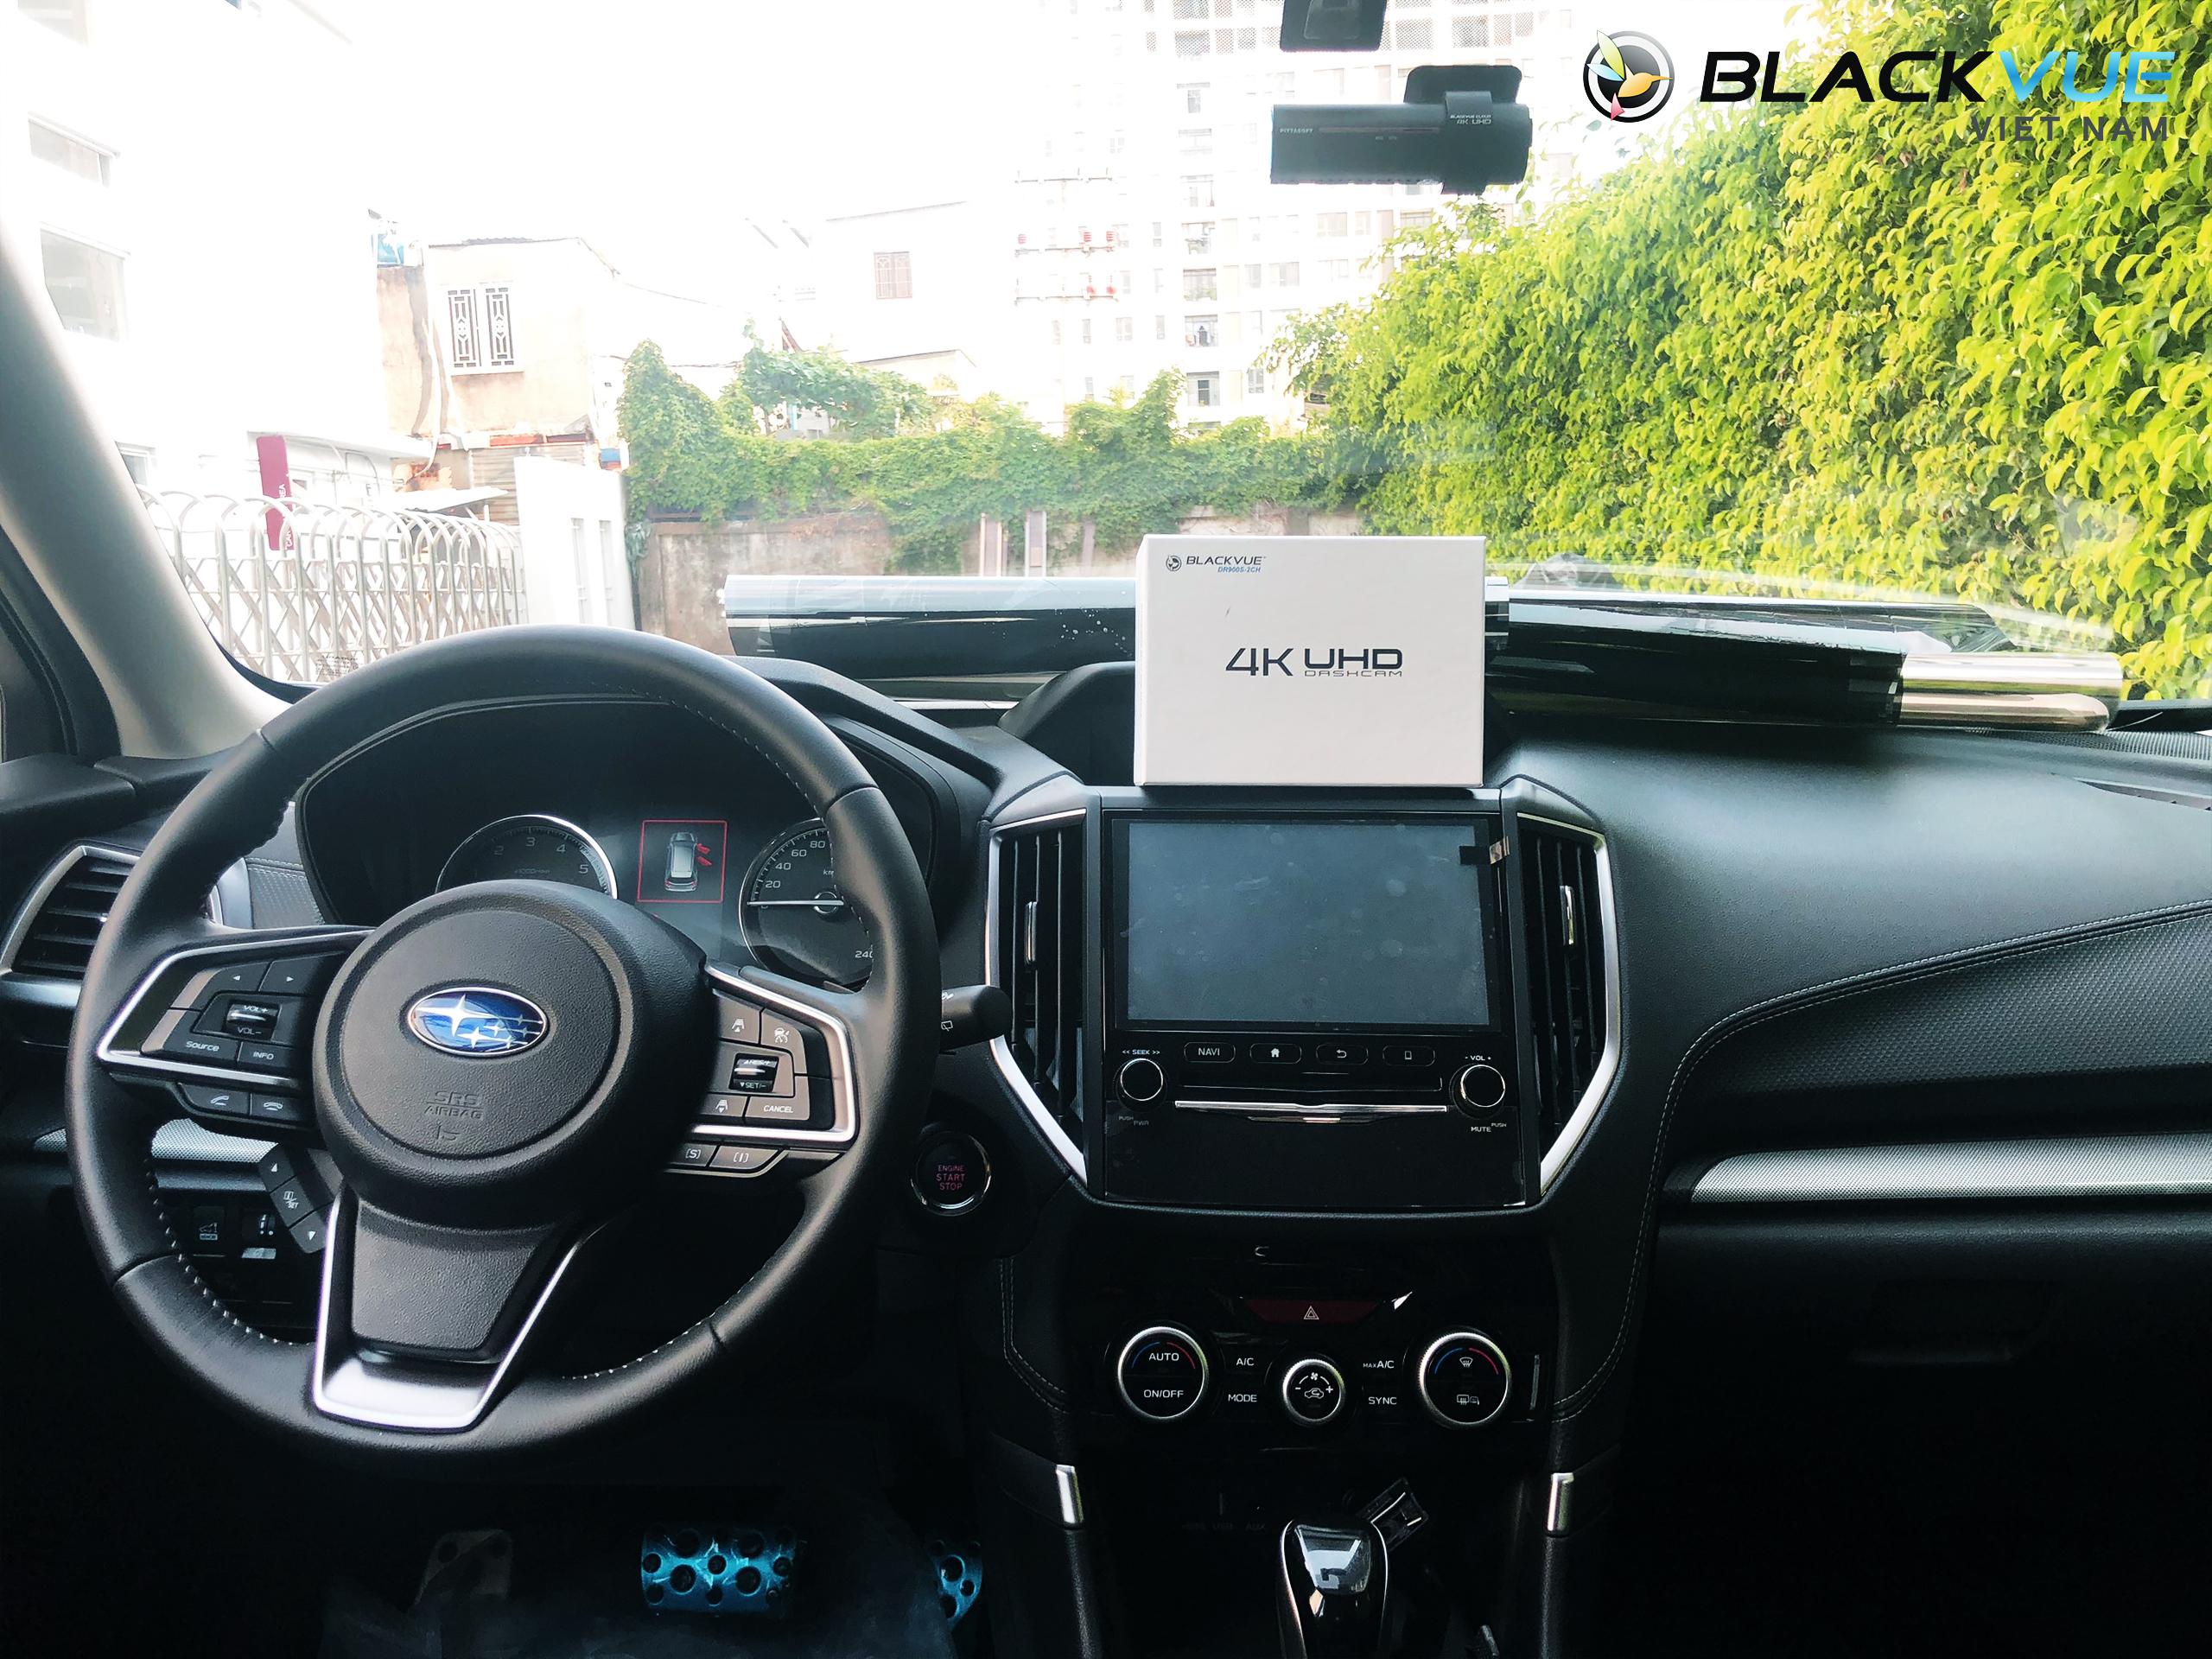 Subaru 900 - Blackvue phù hợp với mọi loại xe ô tô